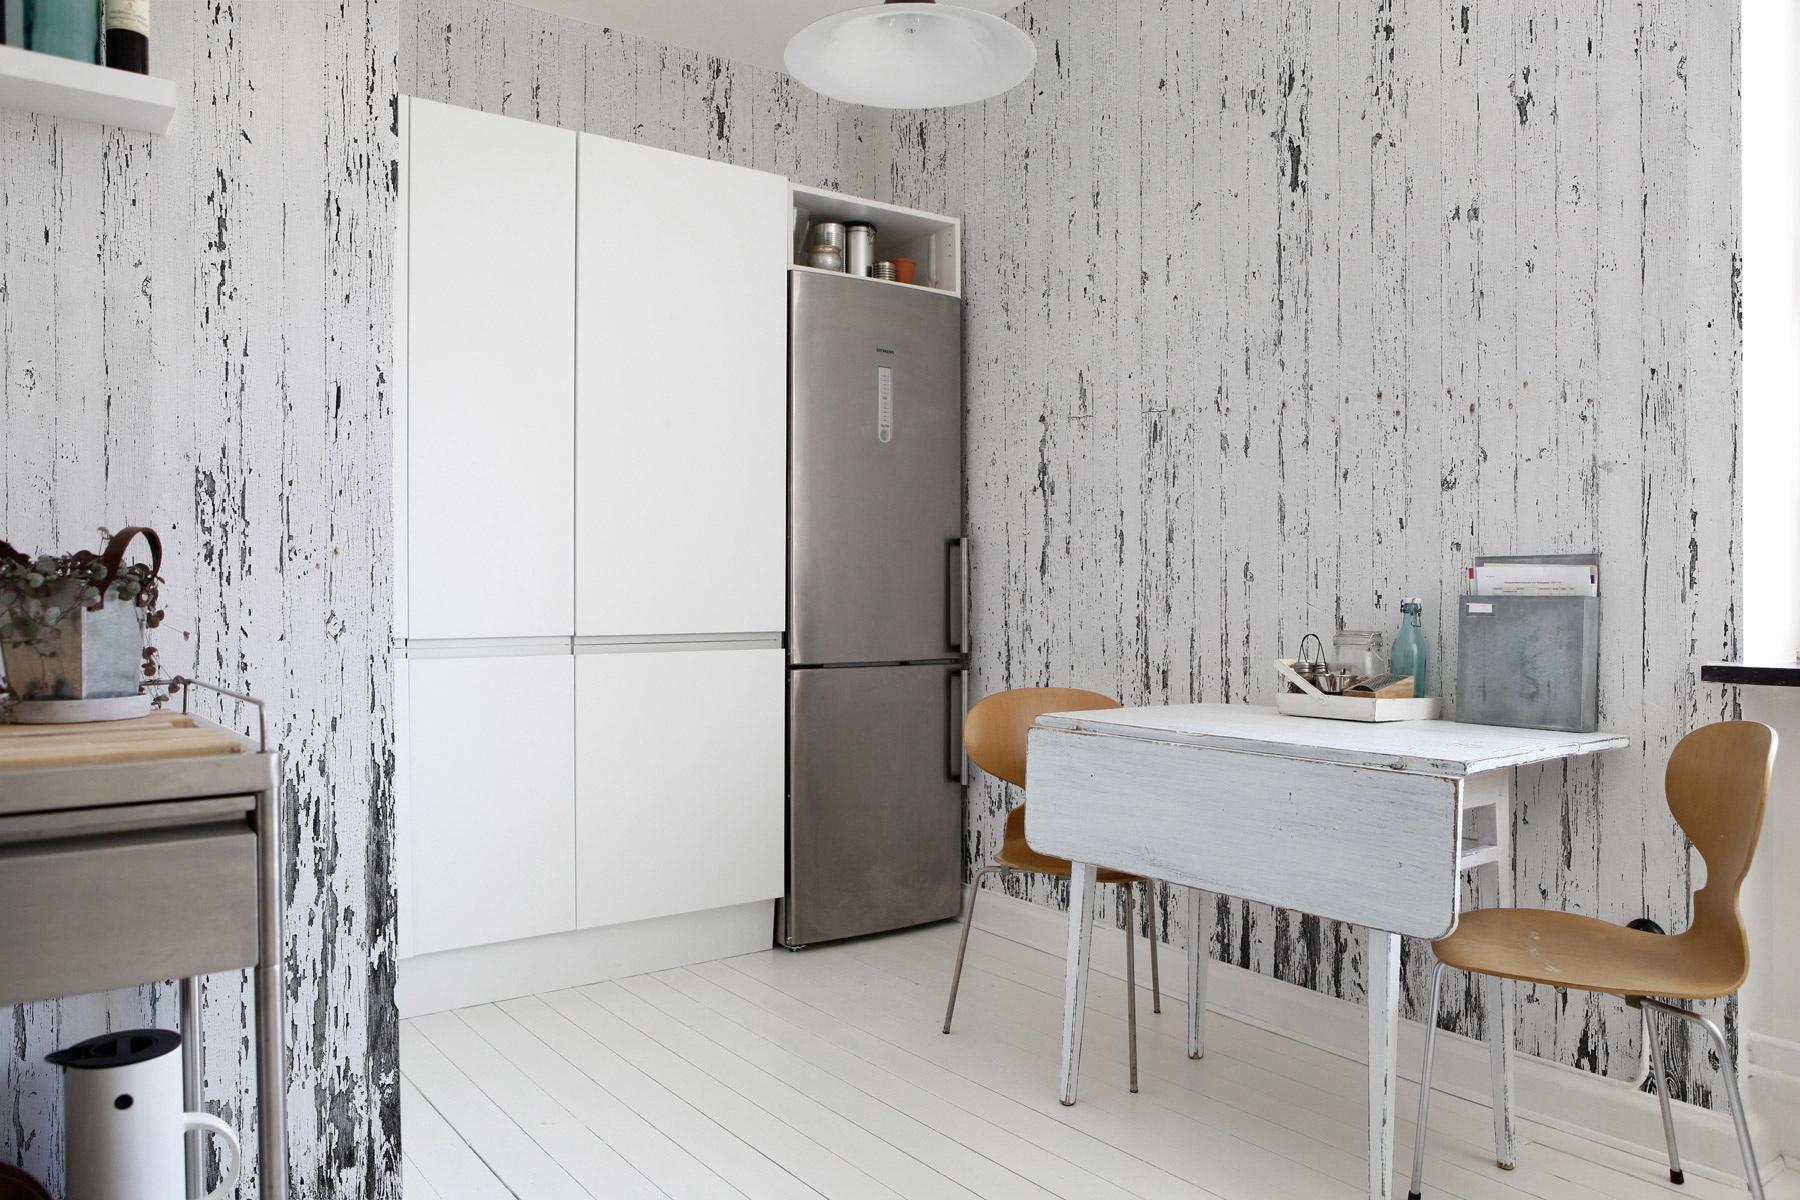 Как выбрать моющиеся обои для кухни (фото примеры)